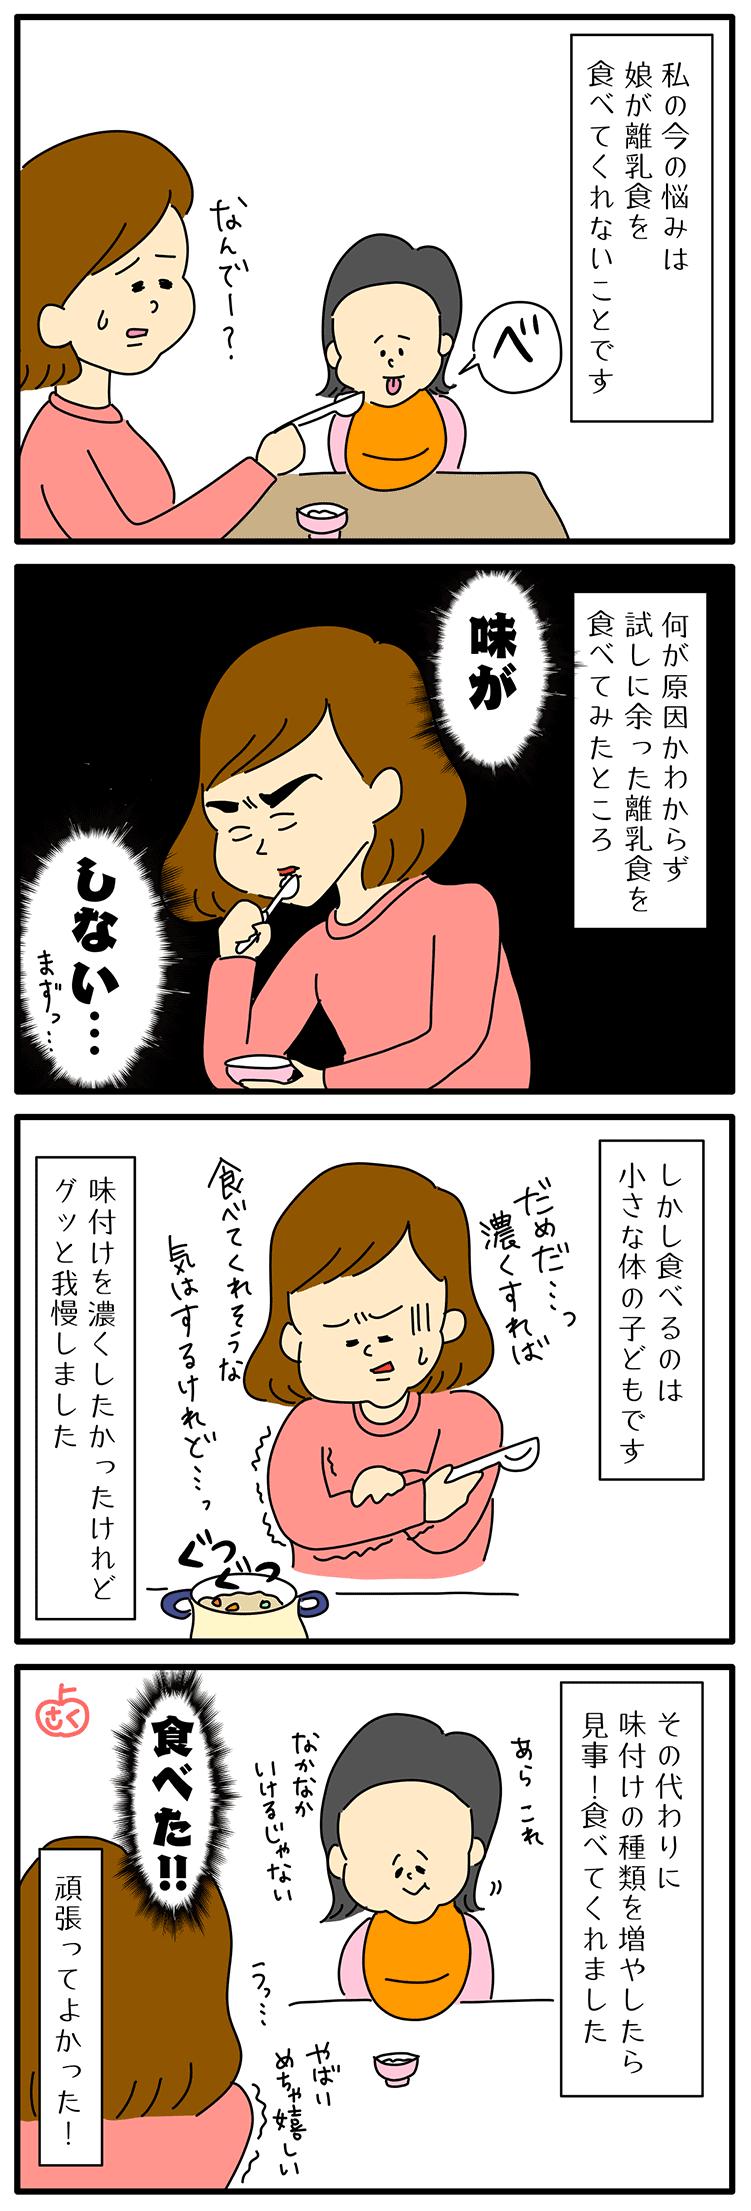 離乳食の味付けの永岡さくら(saku)子育て4コマ漫画